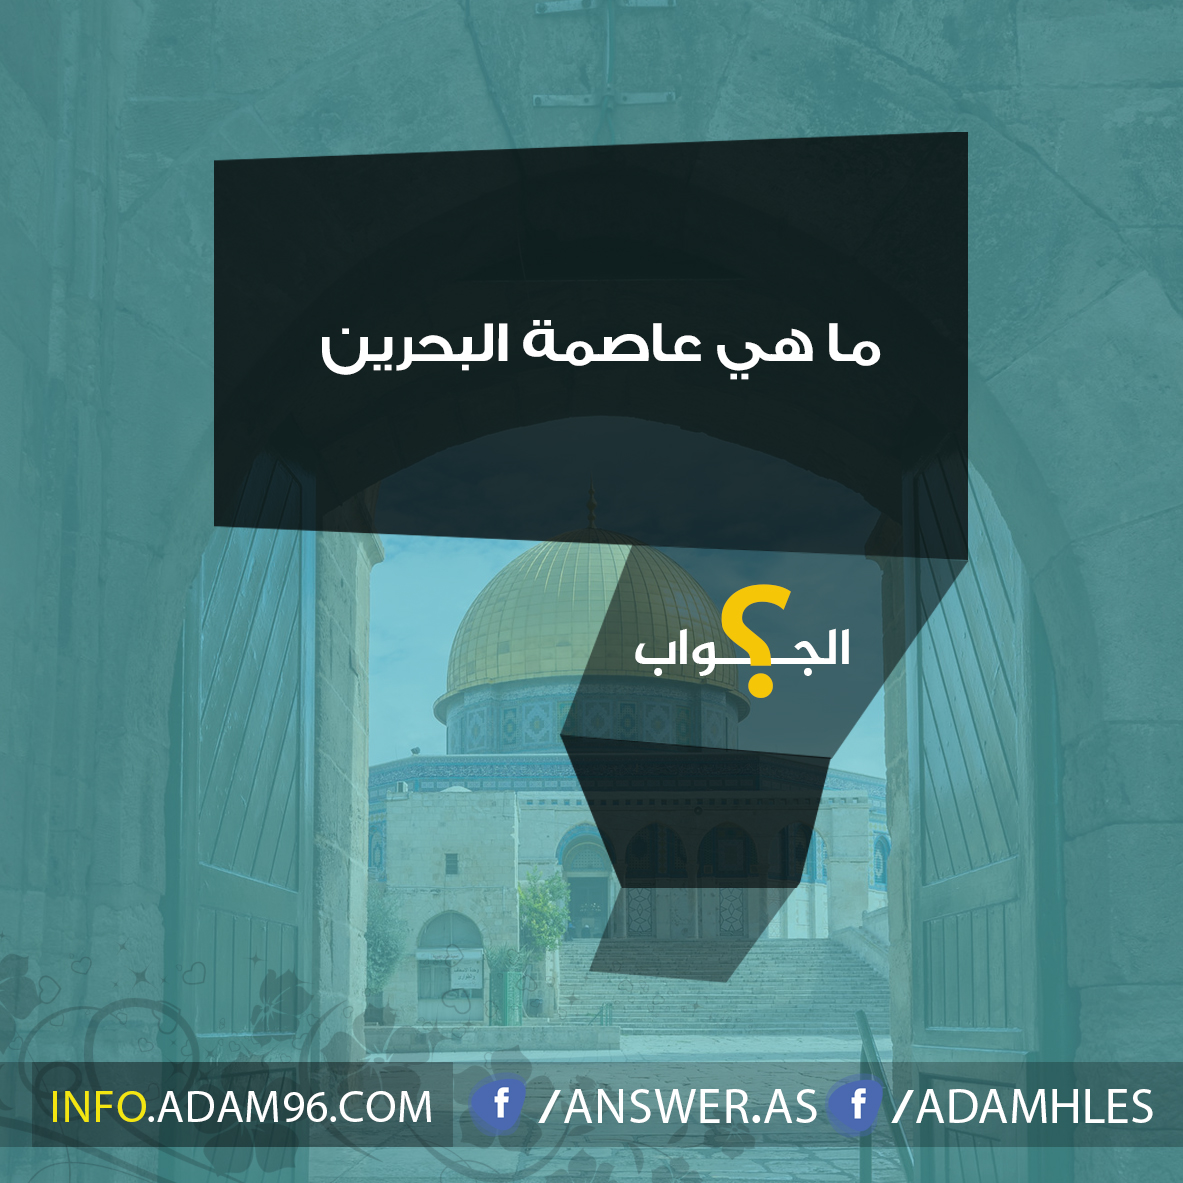 ما هي عاصمة البحرين سؤال مع اجابة